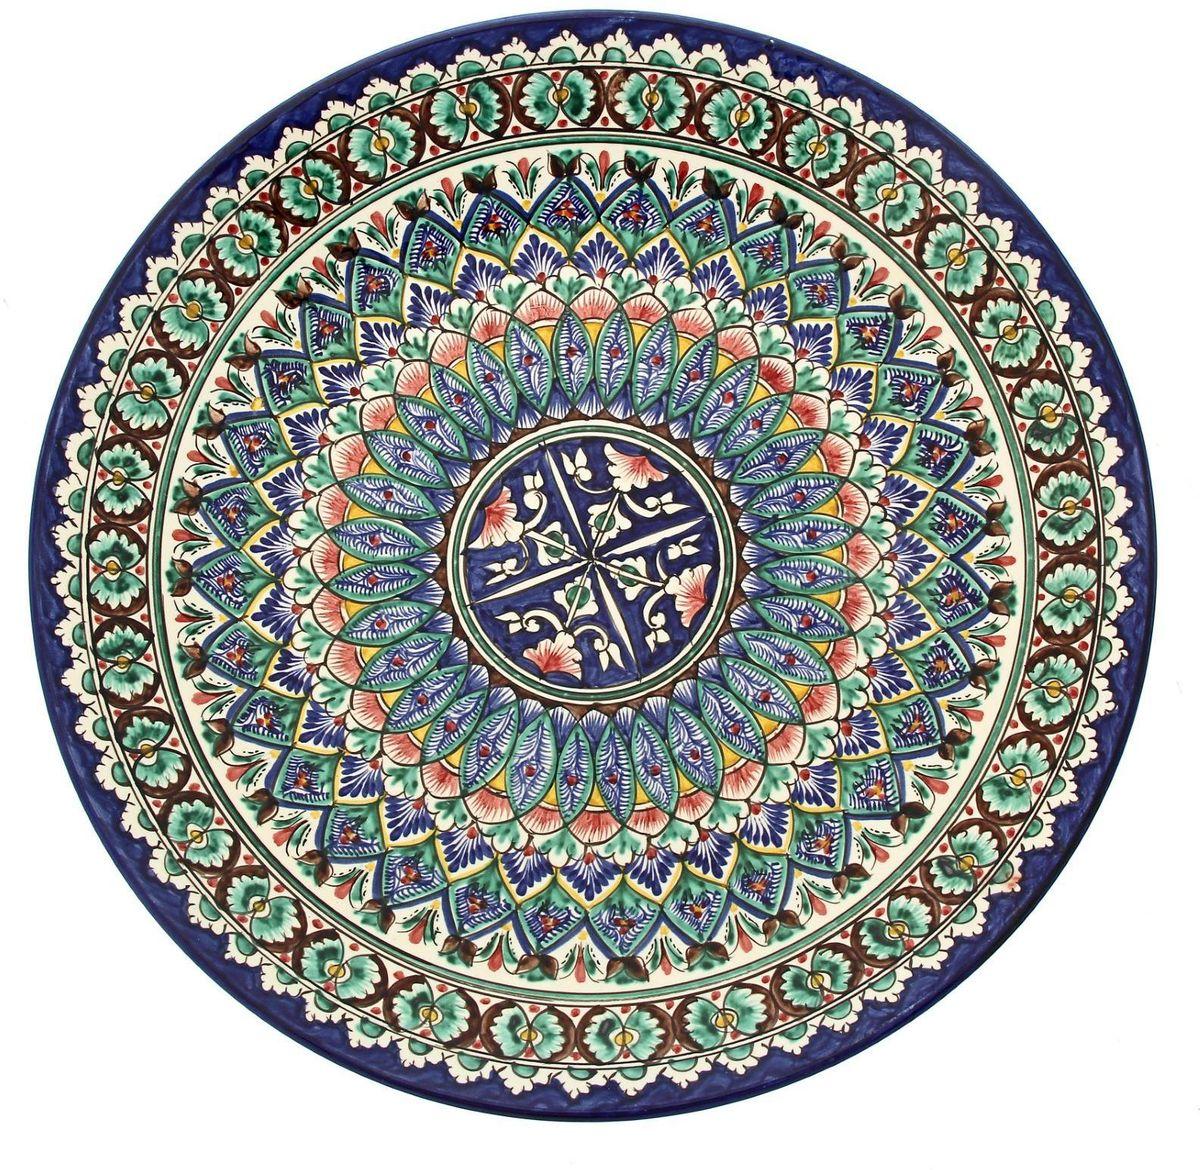 Ляган Риштанская керамика, диаметр 41 см. 19234761923476Ляган Риштанская керамика - это не просто обеденный атрибут, это украшение стола. Посуда с национальной росписью станет отменным подарком для ценителей высокородной посуды.Риштан - город на востоке Узбекистана, один из древнейших в Ферганской долине. С давних времен Риштан славится своим гончарным искусством изготовления цветной керамики. Красноватую глину для изделия добывают в самом городе. Мастера утверждают, что их глина настолько высокого качества, что даже не нуждается в предварительной обработке. Дополните коллекцию кухонных аксессуаров пряными восточными нотами!